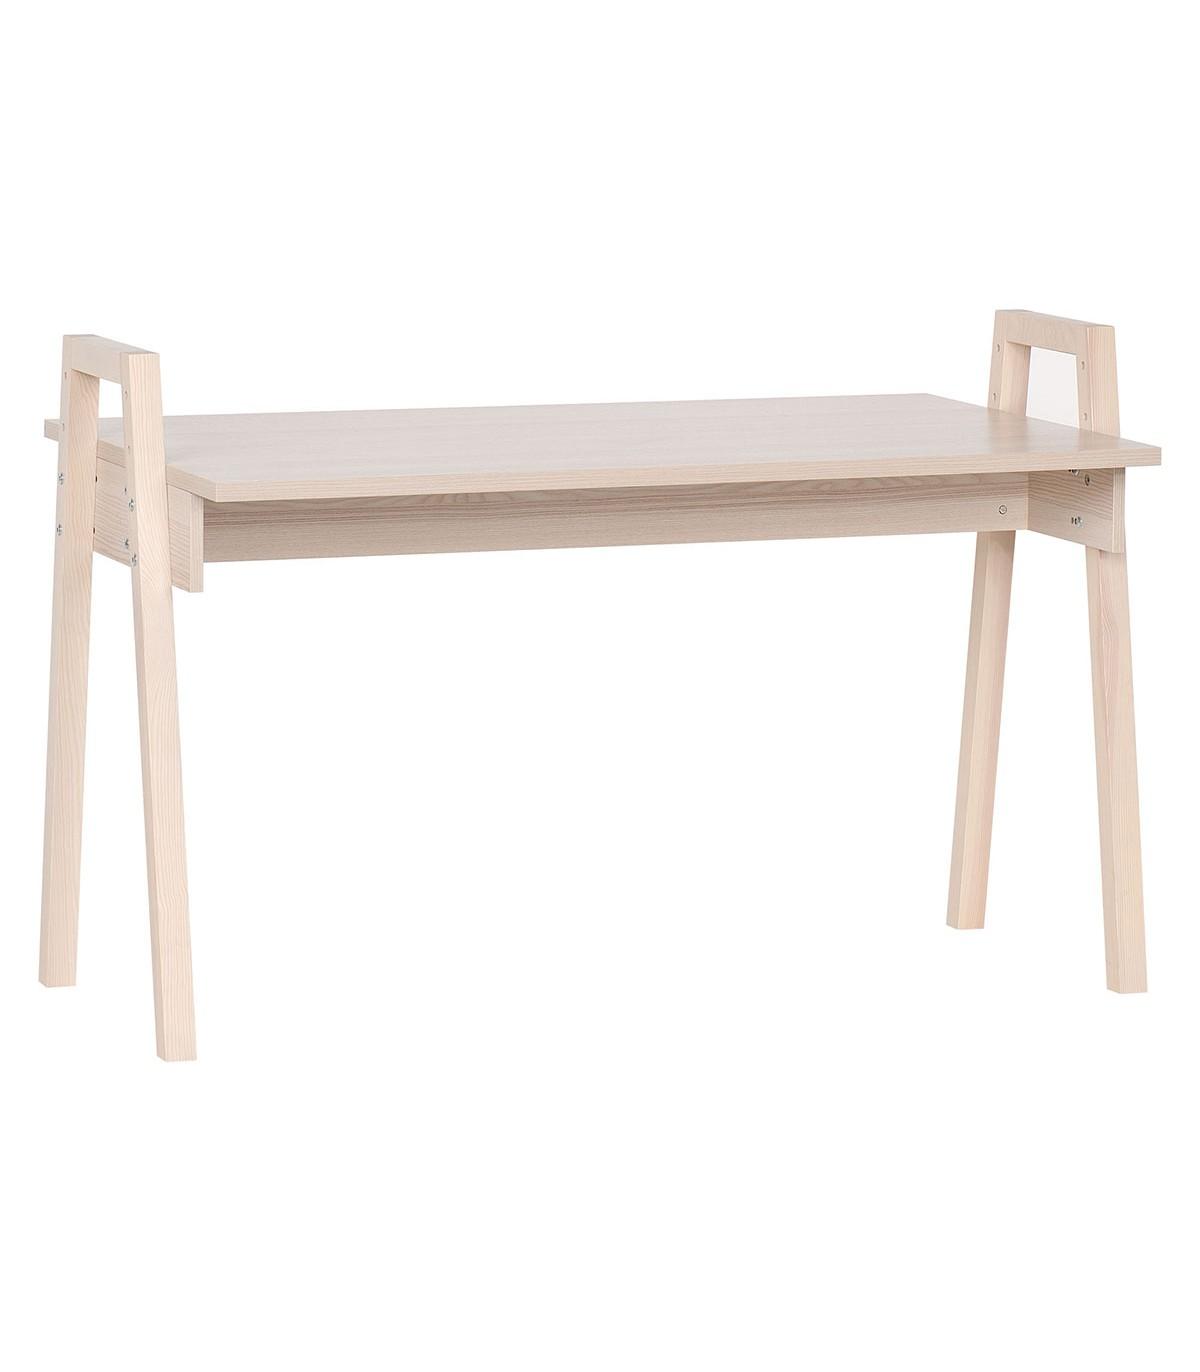 Bureau décor bois et pieds en chêne massif L128 cm - Beige